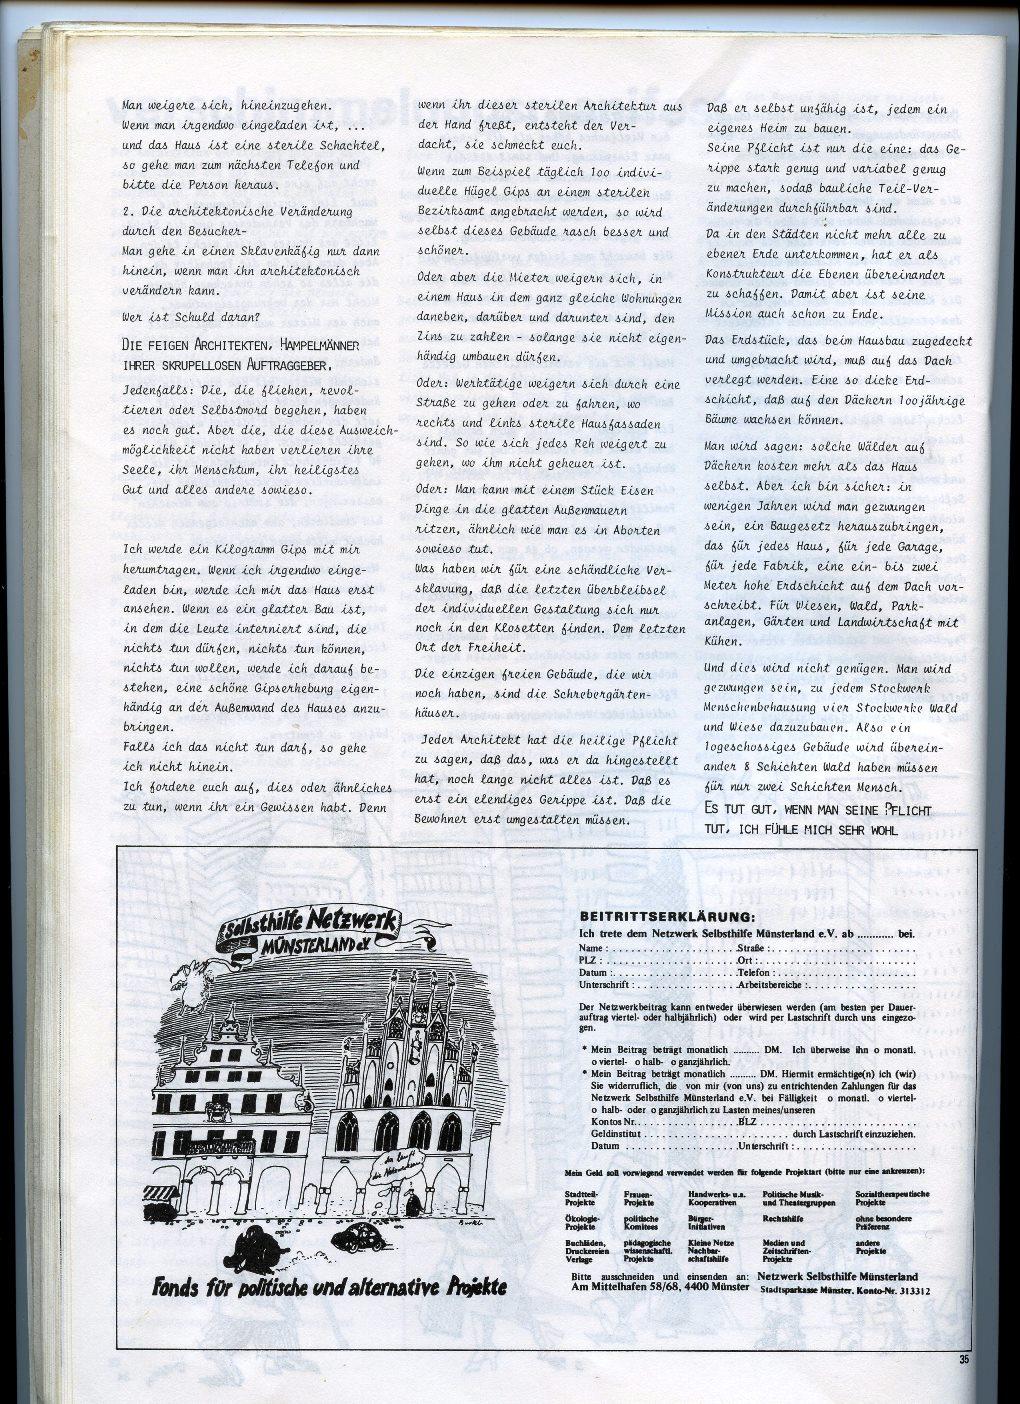 Muenster_Hausbesetzung_1980_36